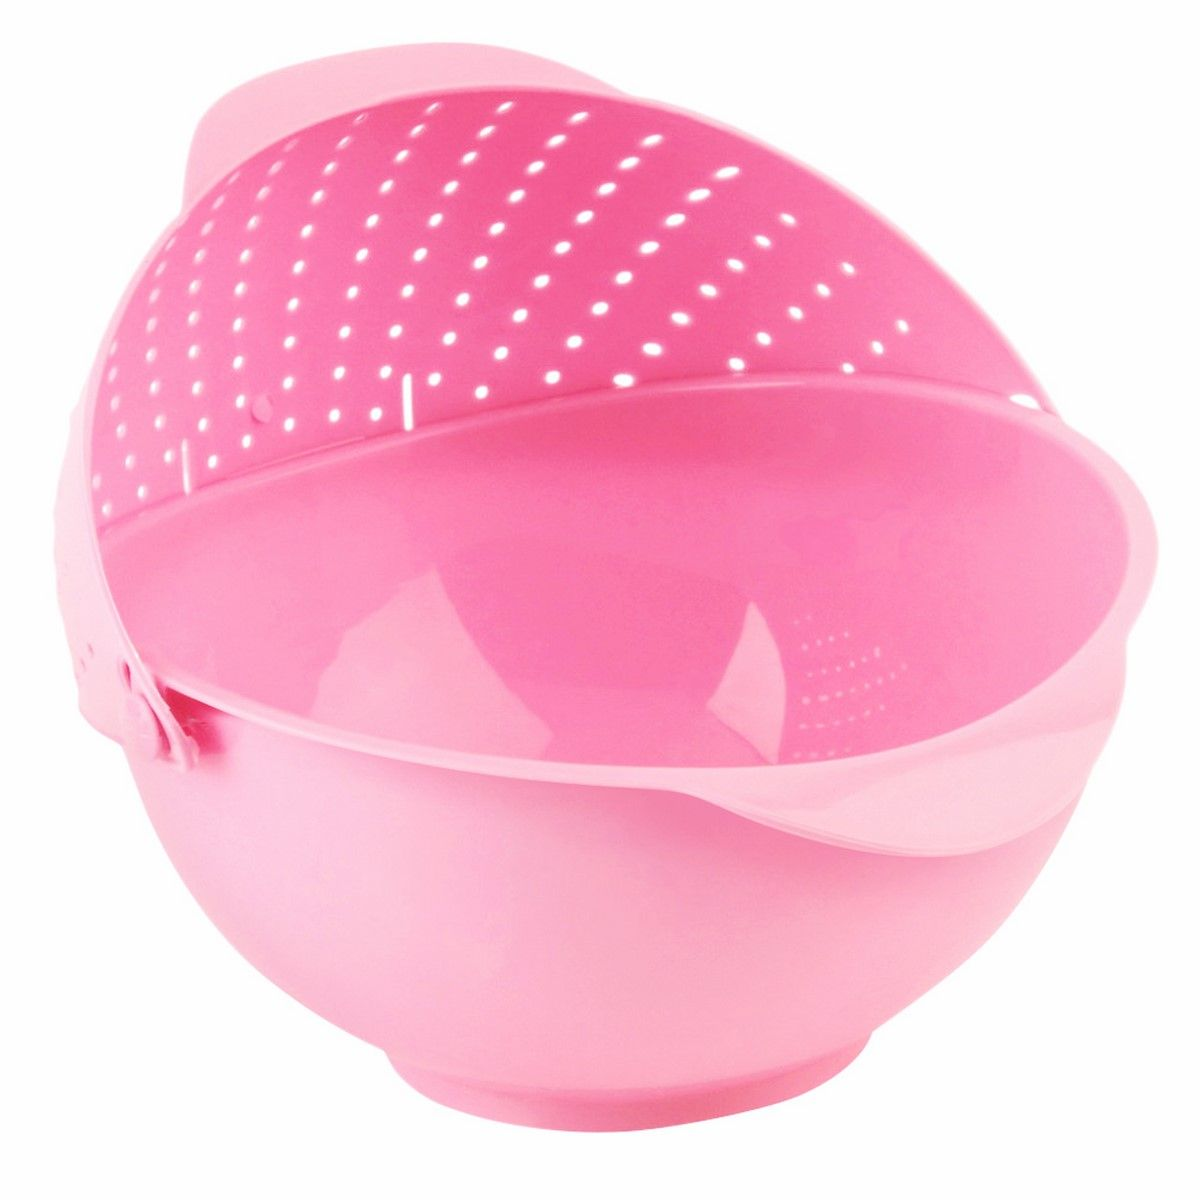 Дуршлаг-чаша Ruges Фильтрен, цвет: розовый, 27 х 25 х 11 смK-60Ruges Фильтрен - это вместительная пластиковая чаша с перекидным дуршлагом на ободе. Изделие выполнено из пластика.Удобство в том, что пусть вы собрали фрукты в чашу - заливайте в ней же водой, мойте и сливайте воду, наклонив чашу в сторону дуршлага. То же самое с зеленью или замоченными крупами.Размеры: 27 х 25 х 11 см. Объем: 2,7 л. Вес: 175 г.